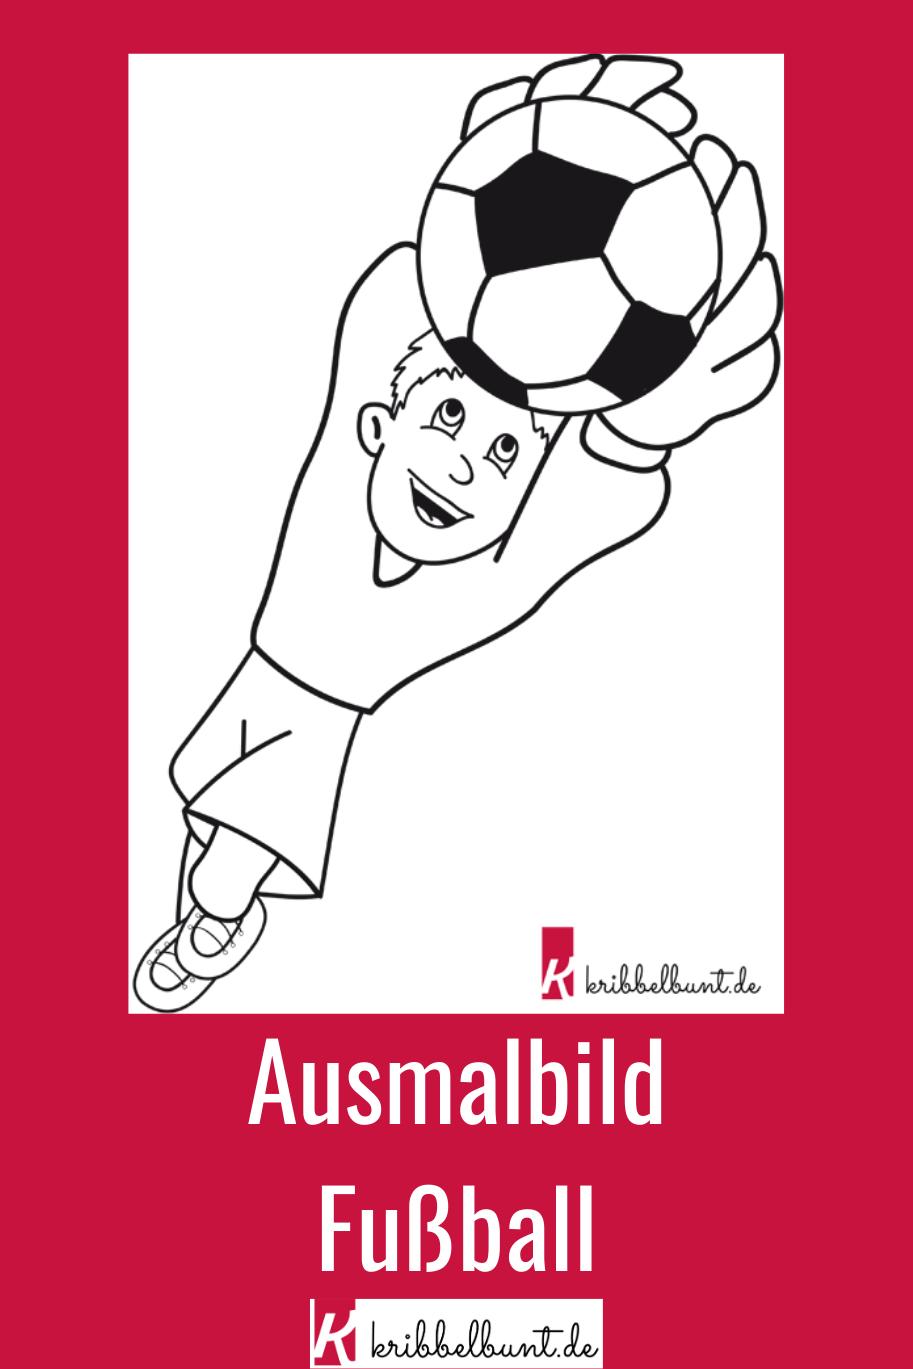 Ausmalbilder Fussball Fur Kinder Kostenlos Ausdrucken Ausmalen Ausmalbilder Bilder Zum Ausmalen Kostenlos